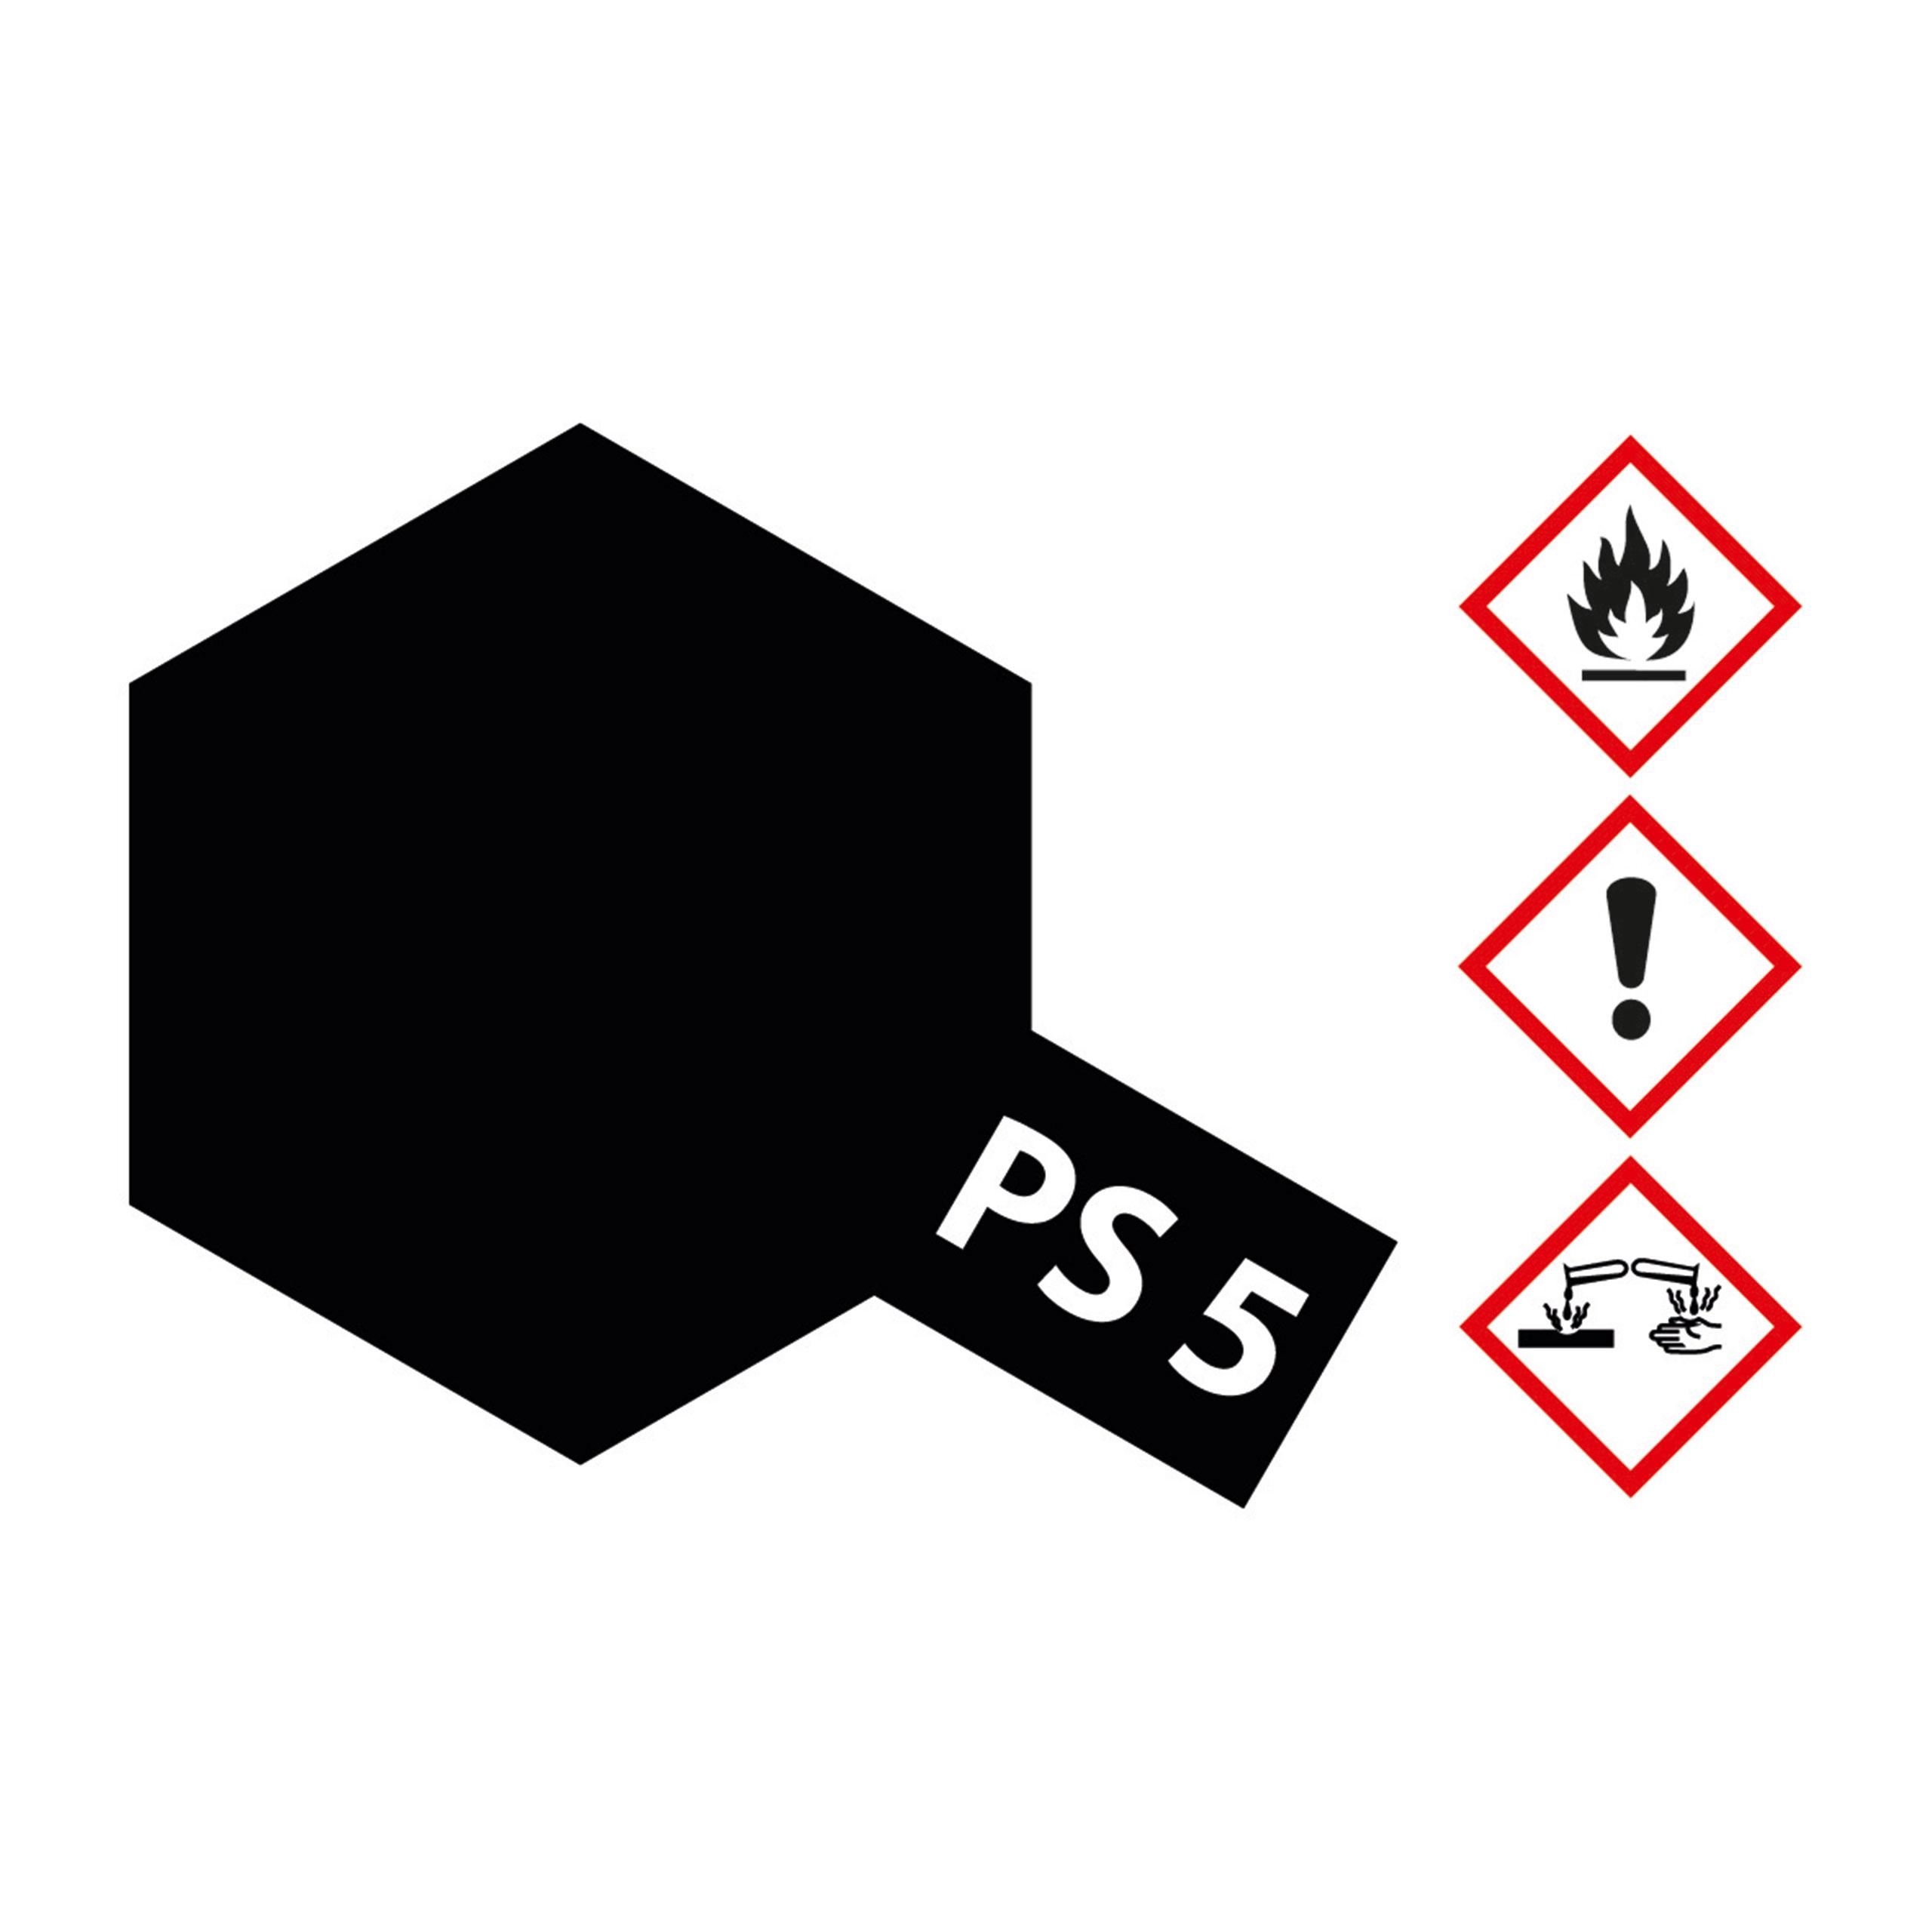 PS-5 Schwarz Polycarbonat - 100ml Sprayfarbe Lexan - Tamiya 300086005